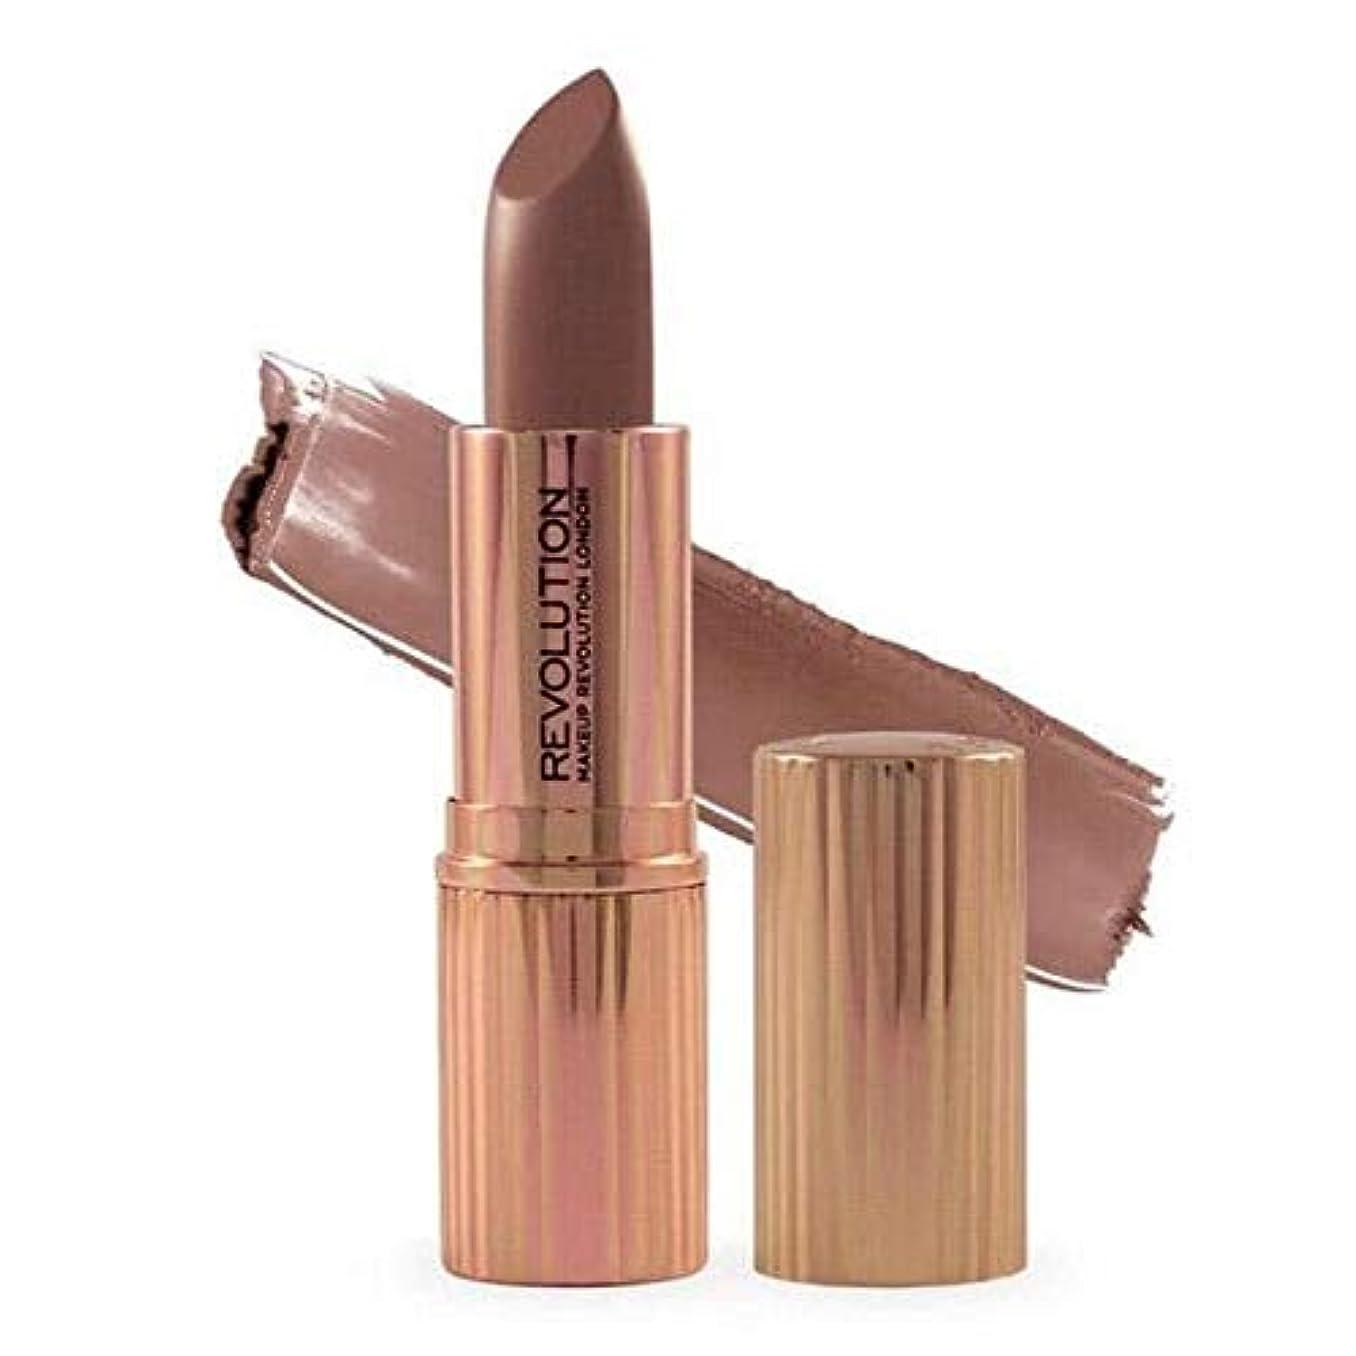 満了中に動揺させる[Revolution ] 革命ルネサンス口紅の誓い - Revolution Renaissance Lipstick Vow [並行輸入品]